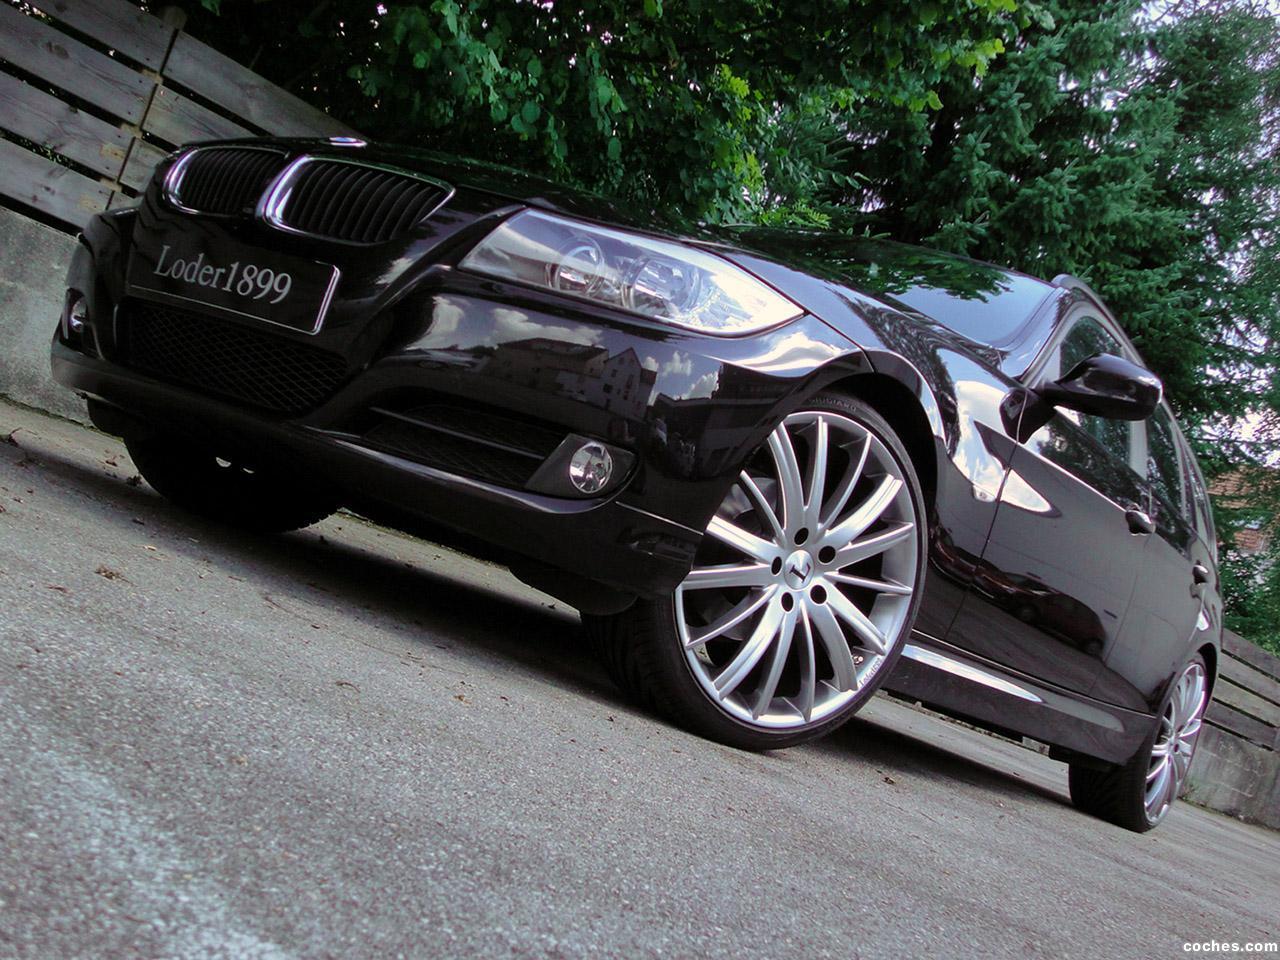 Foto 0 de BMW Loder1899 Serie 3 Touring E91 2009